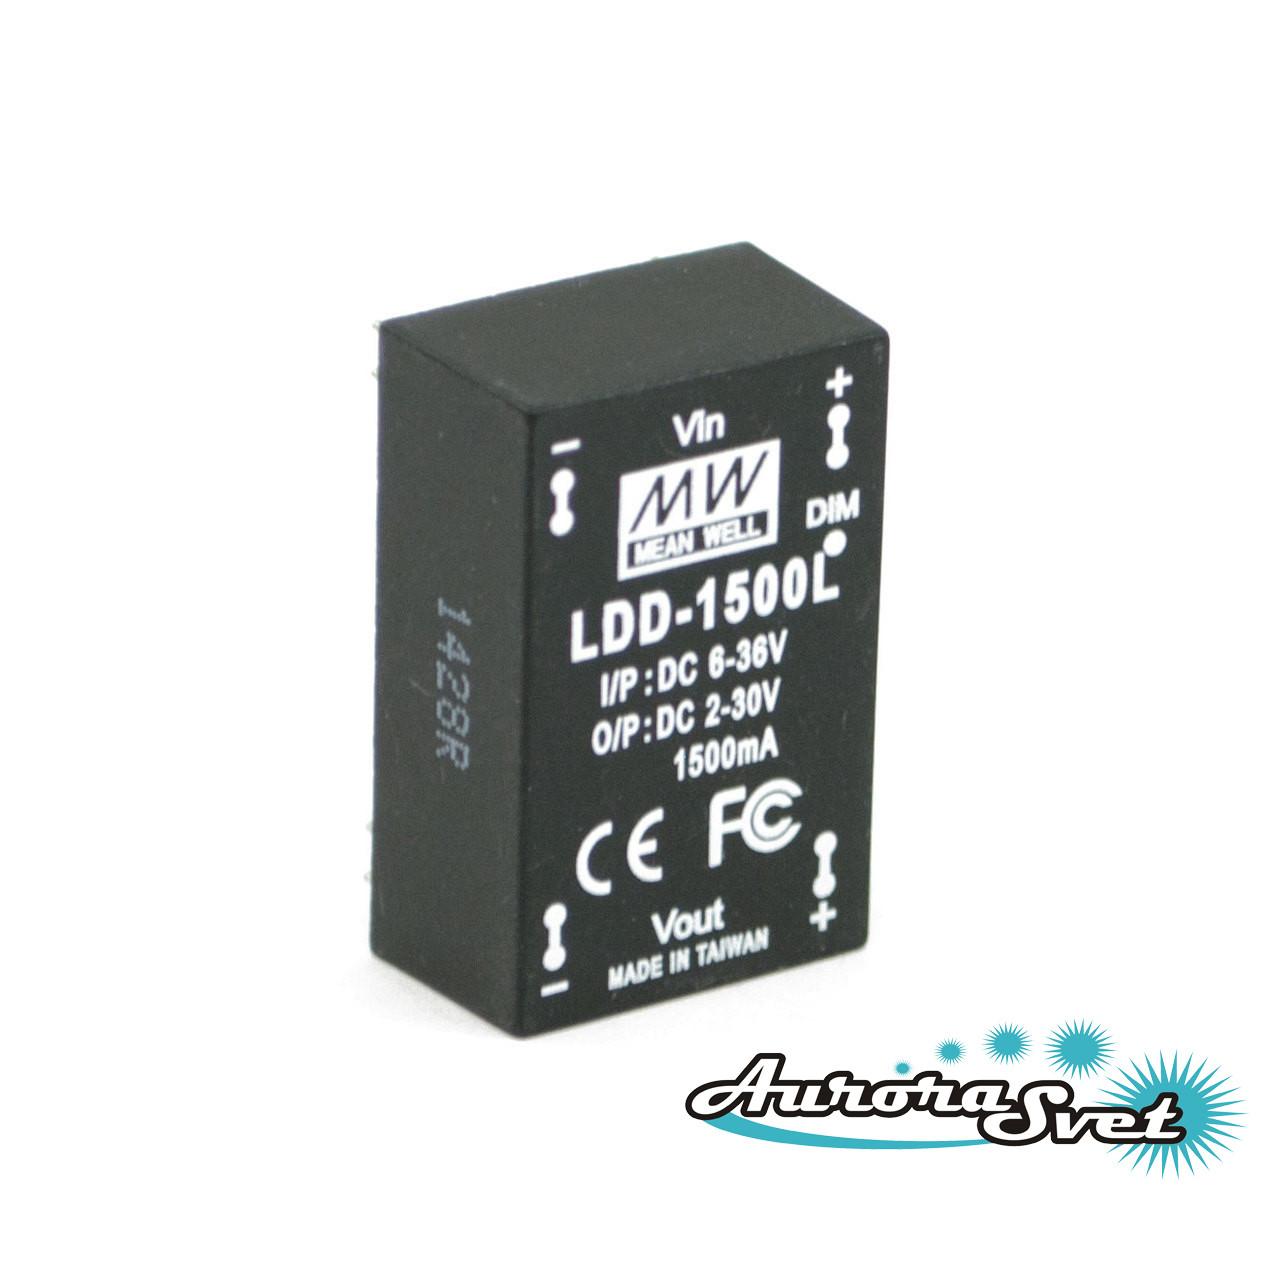 Led драйвер LDD-1500L LED DRIVER. Драйвер светодиода MEANWELL